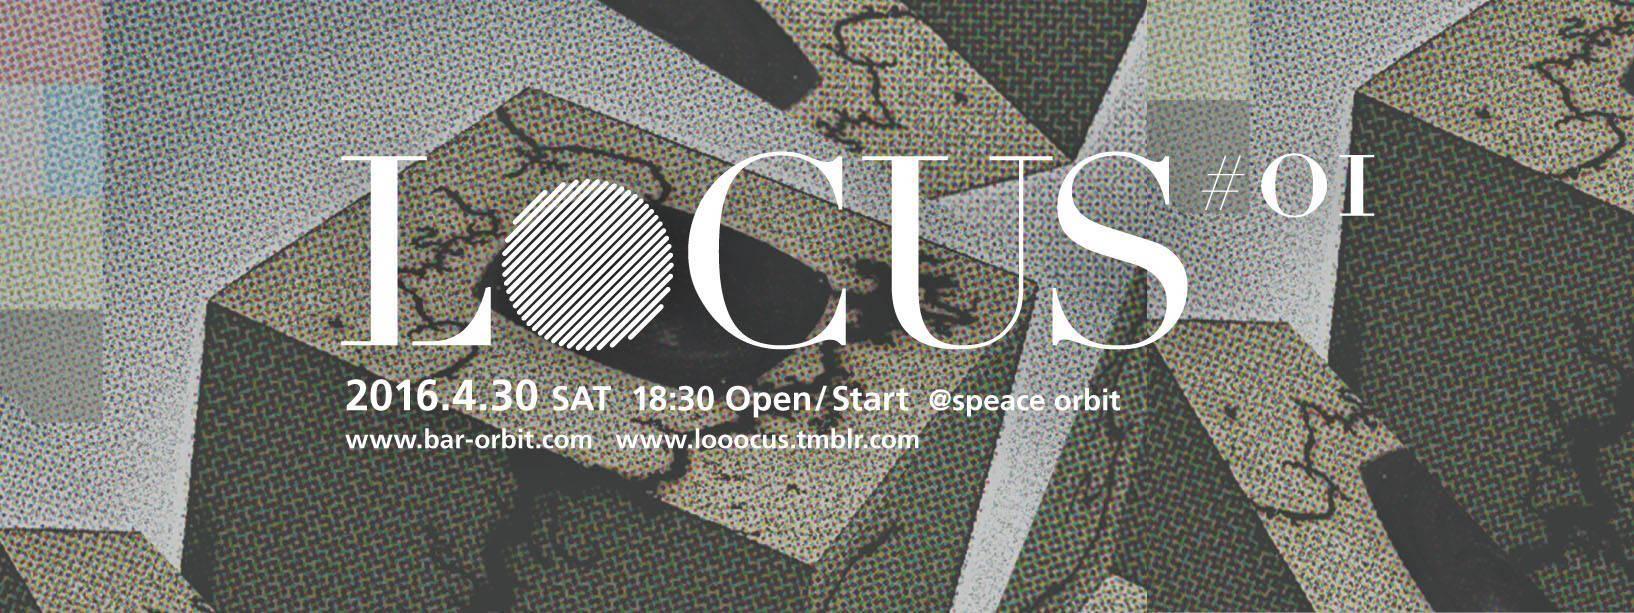 LOCUS#1